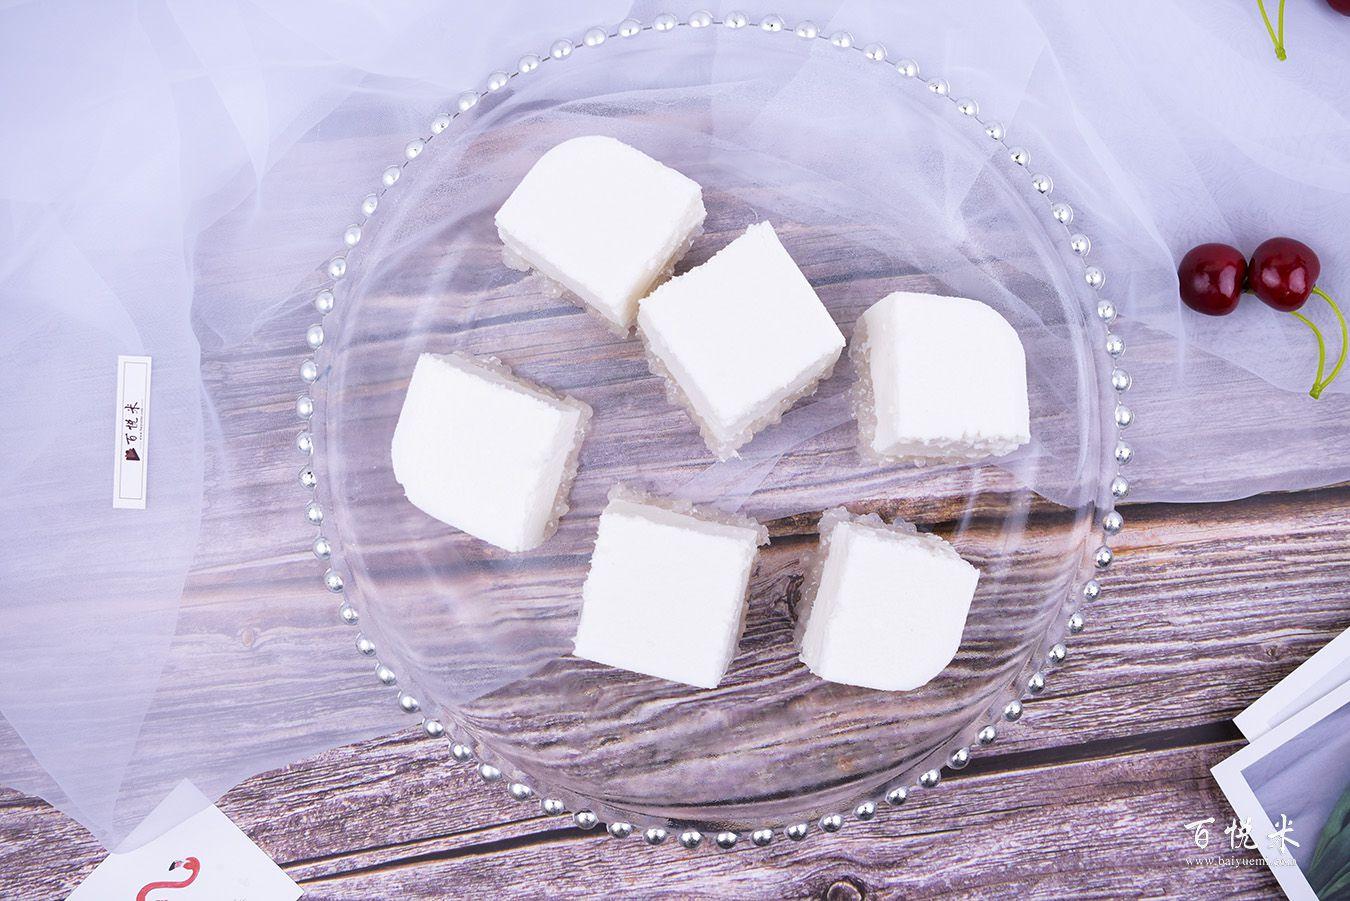 椰汁西米糕高清图片大全【蛋糕图片】_1329